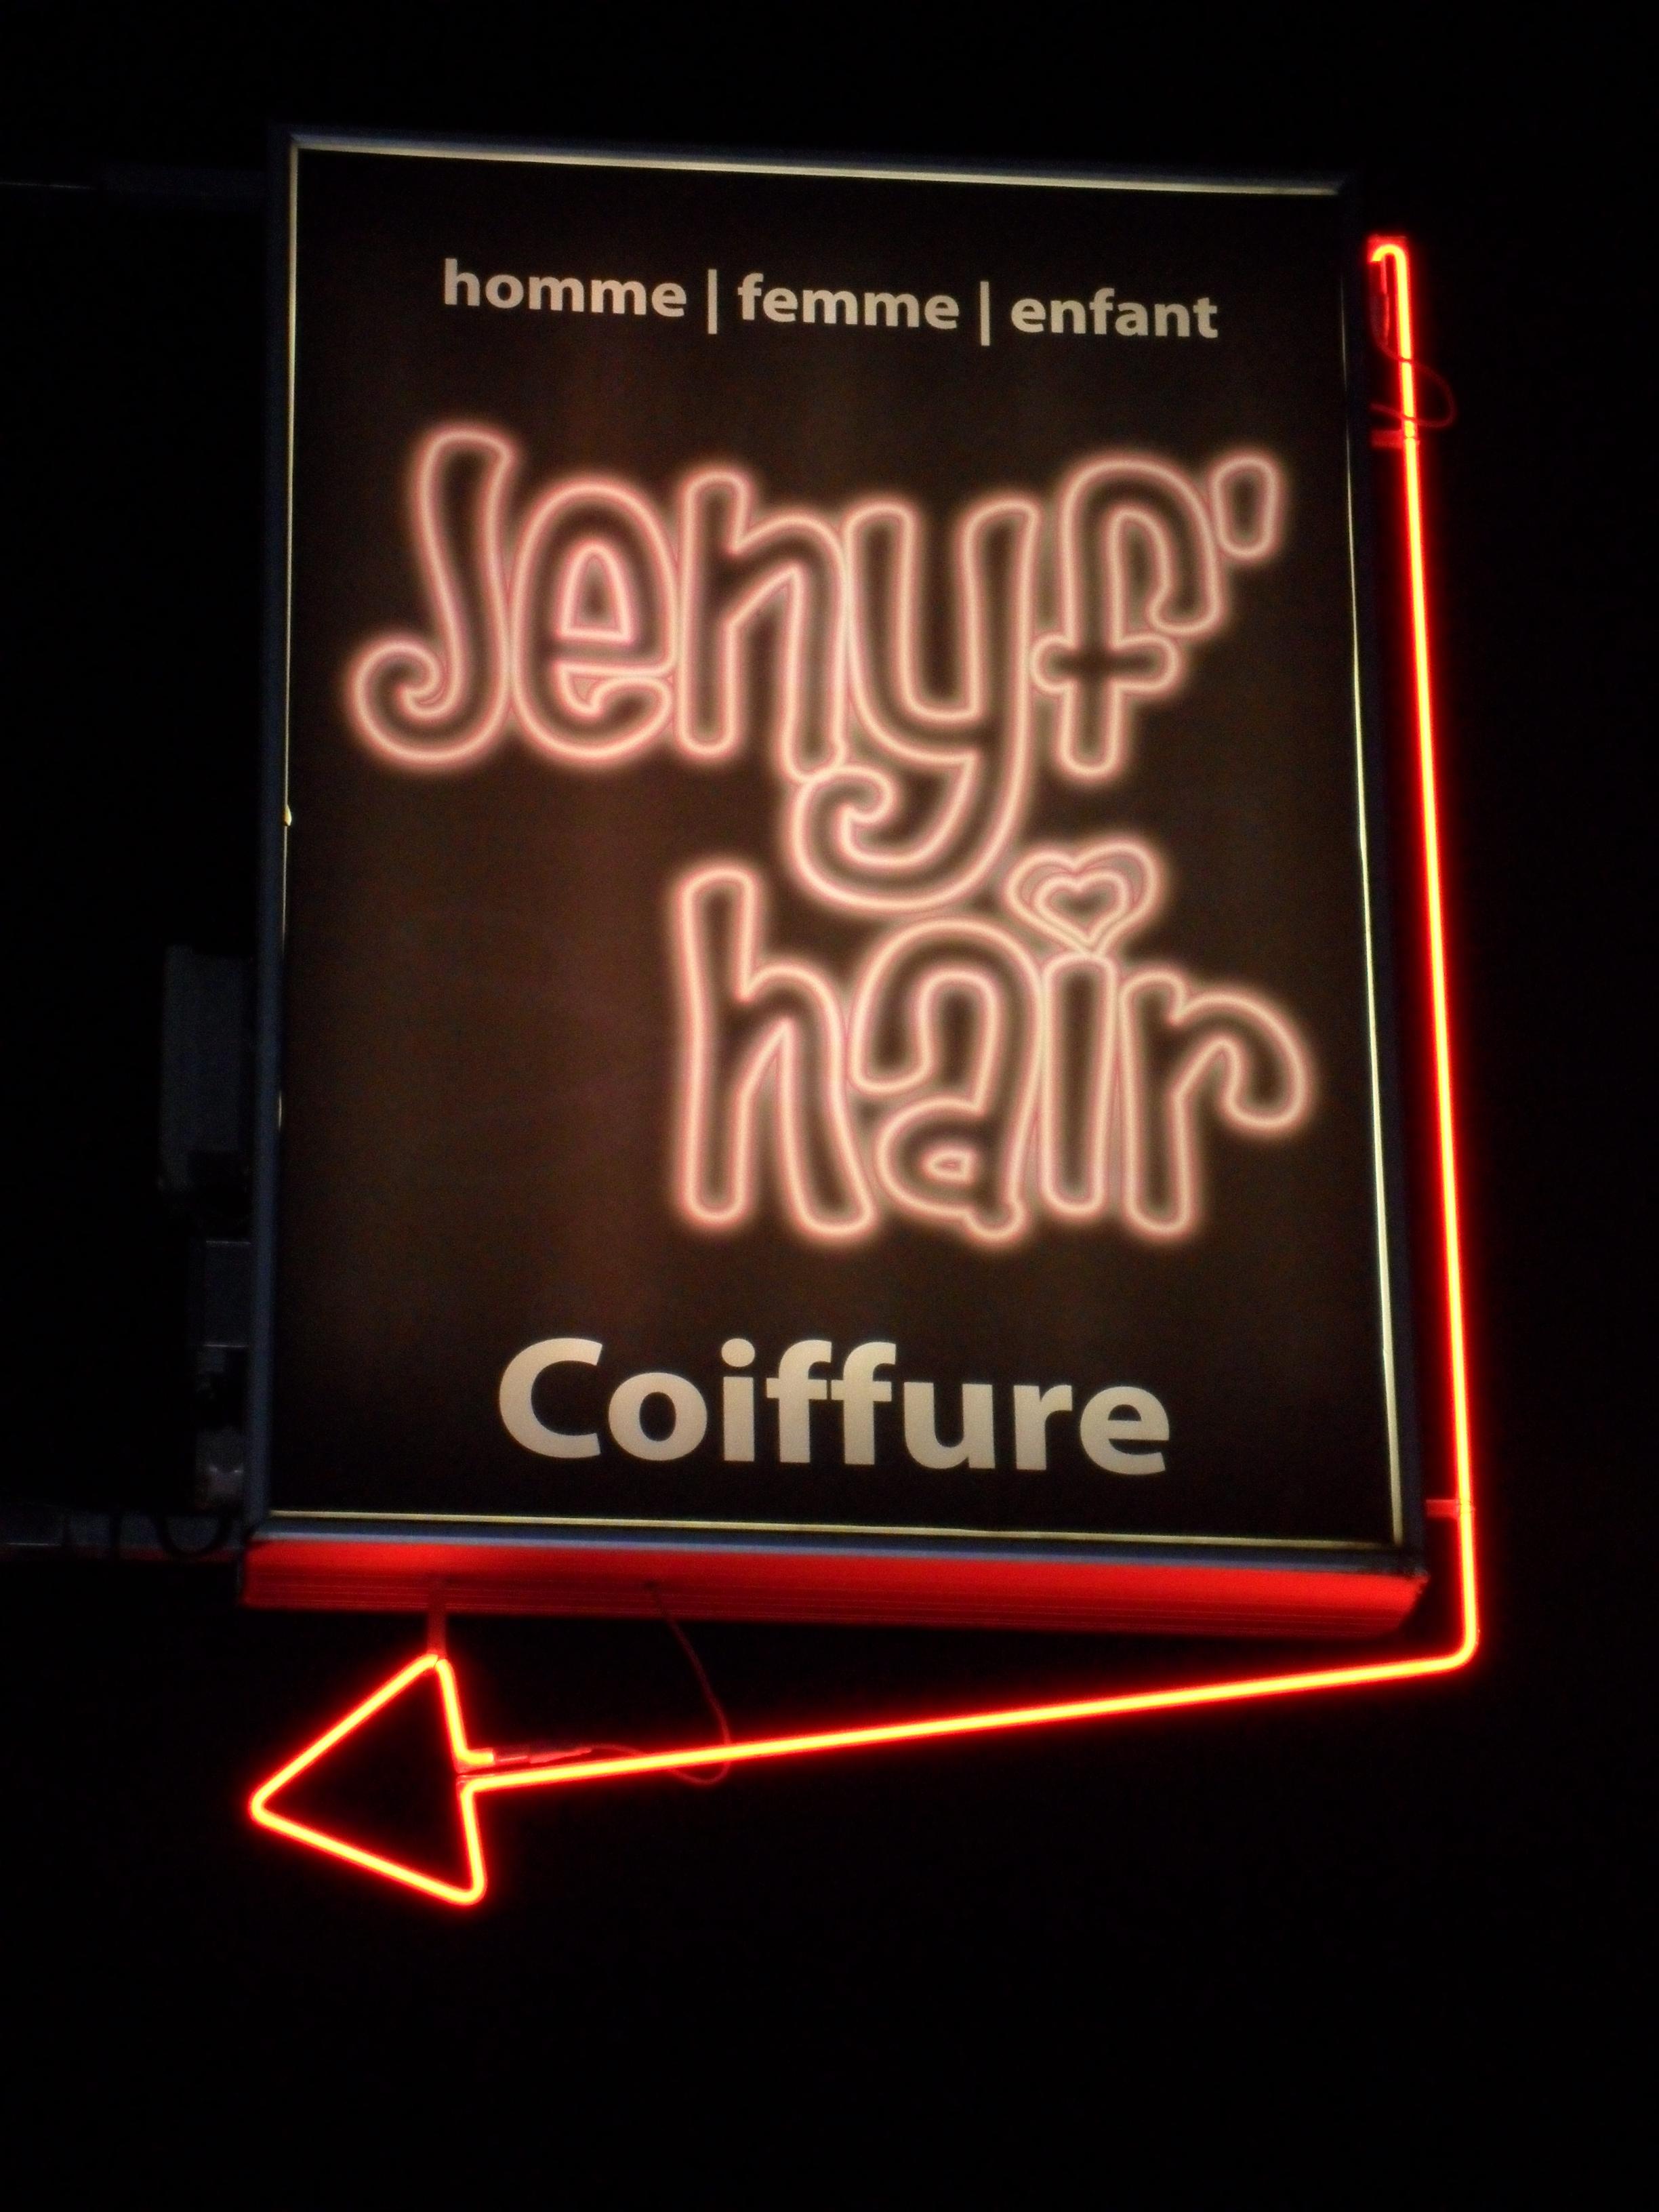 jenyf 39 hair coiffure saint martin sur le pr avis tarifs horaires t l phone. Black Bedroom Furniture Sets. Home Design Ideas